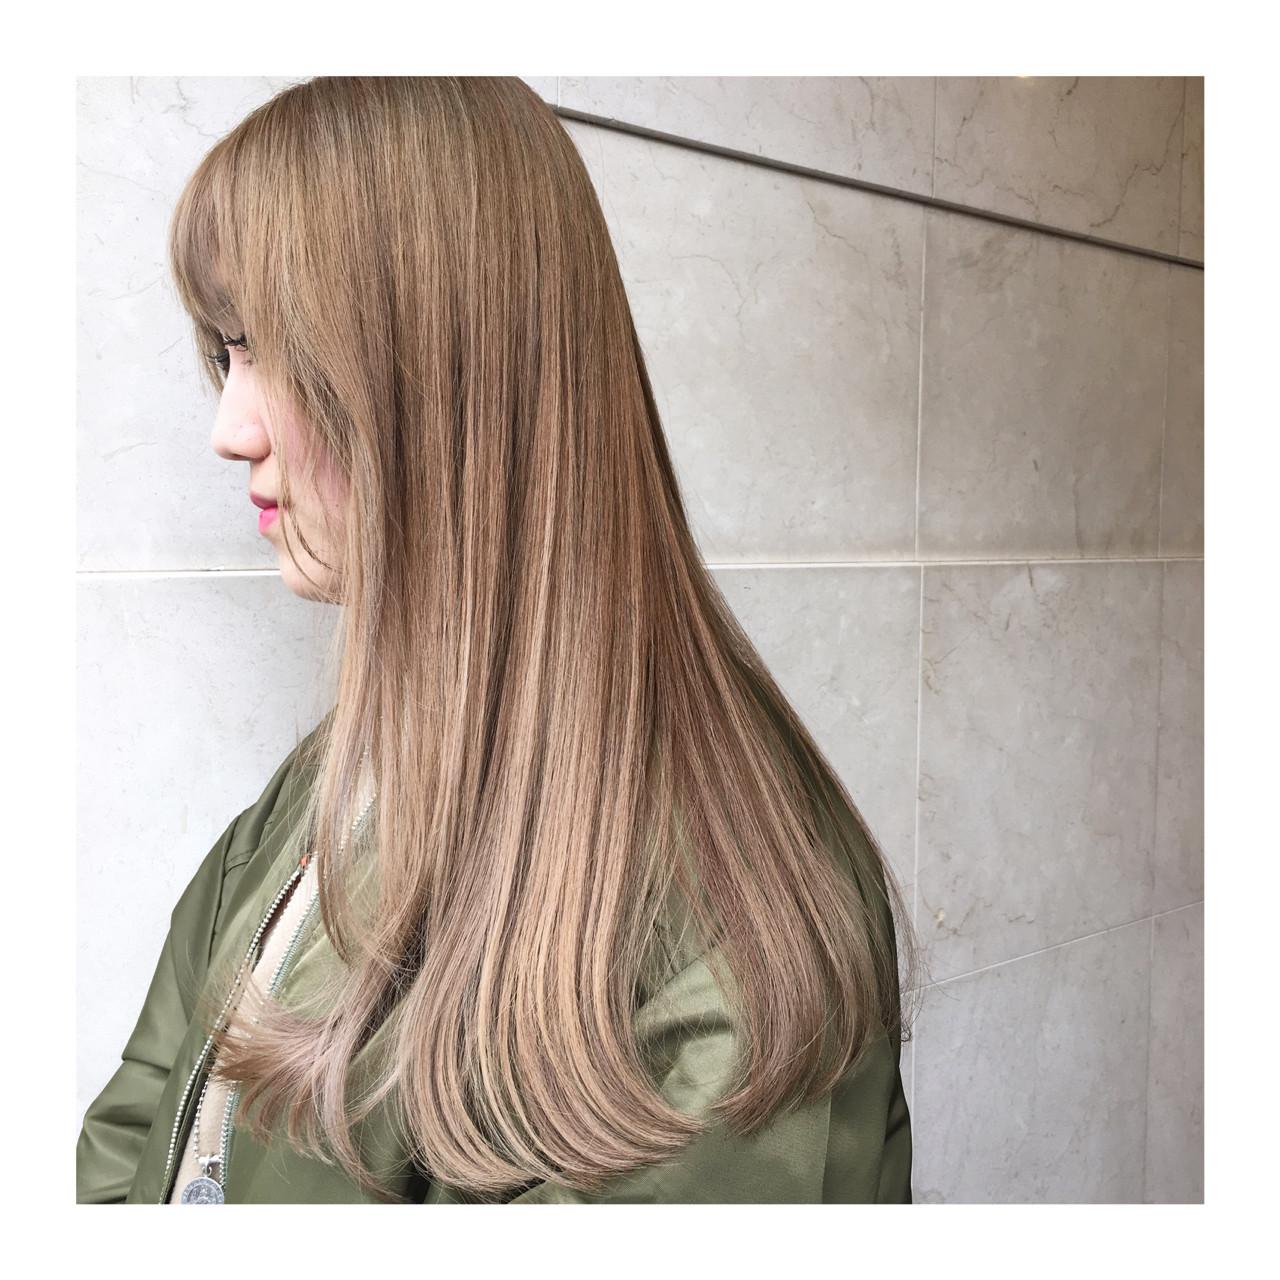 オトナが目指す外国人風ヘア♡ローライトでヘアスタイルに奥行きを… 西嶋えり子